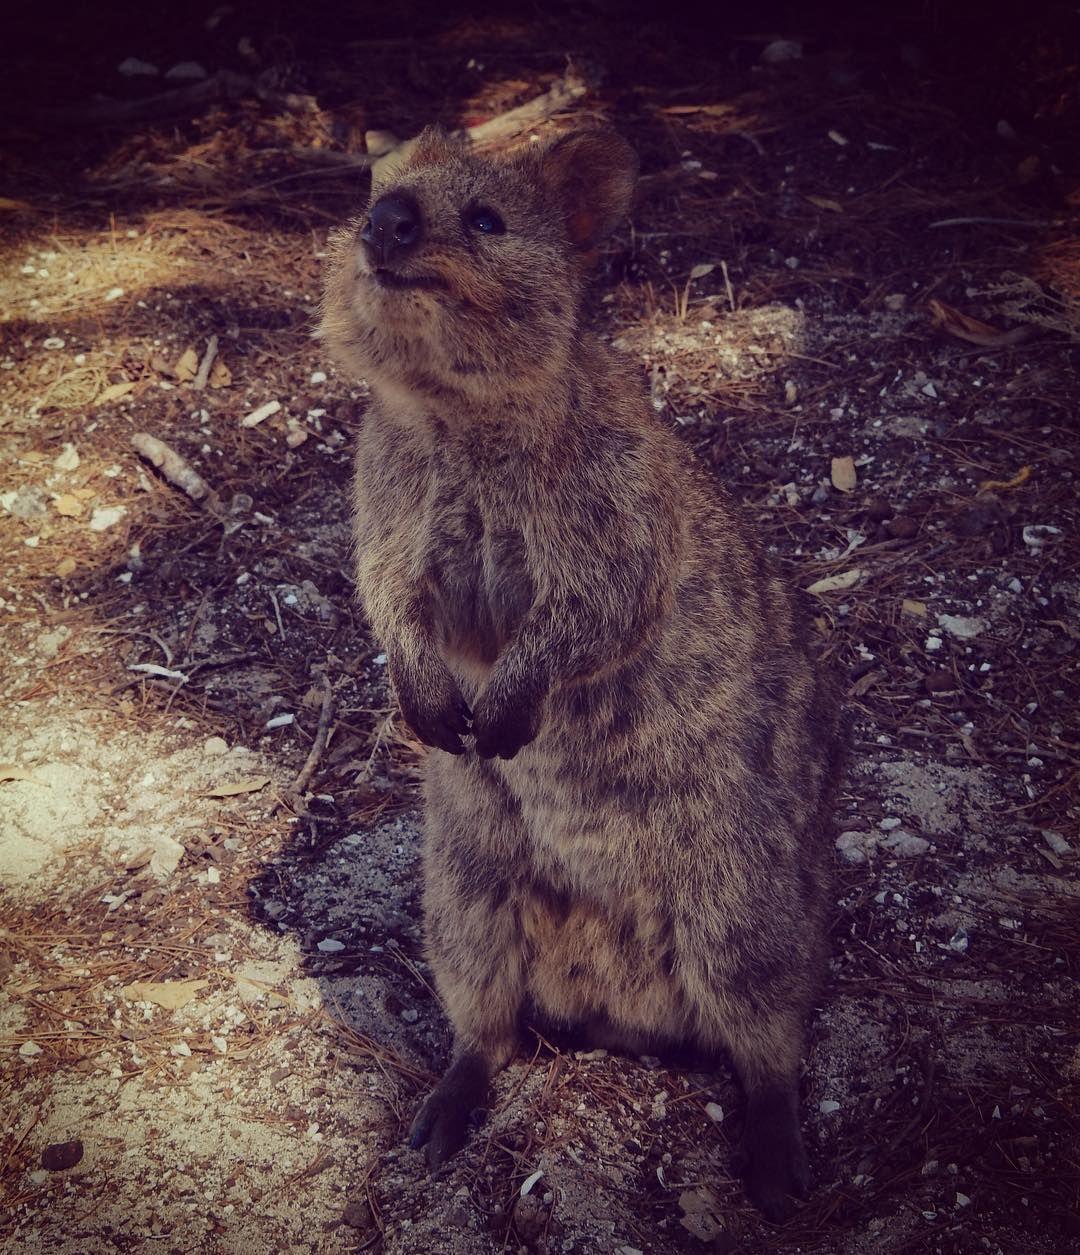 Quokka  #quokka #smile #backinaustralia #rottnestisland #perth #westernaustralia by nicolette_van_houwelingen http://ift.tt/1L5GqLp